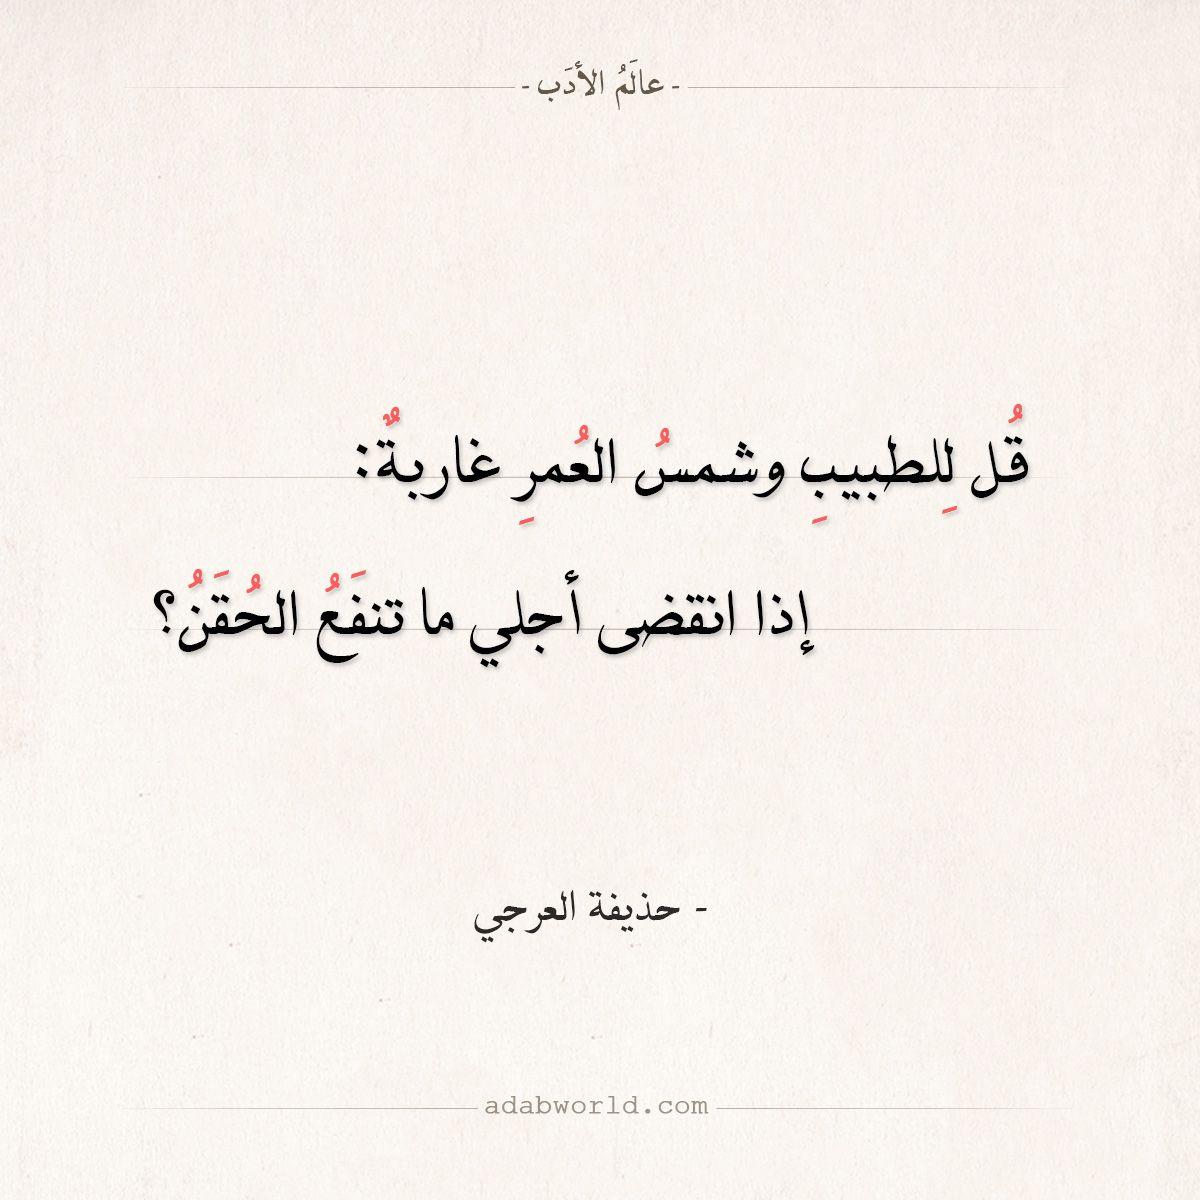 شعر حذيفة العرجي قل للطبيب وشمس العمر غاربة عالم الأدب Pretty Quotes Quran Quotes Inspirational Quran Quotes